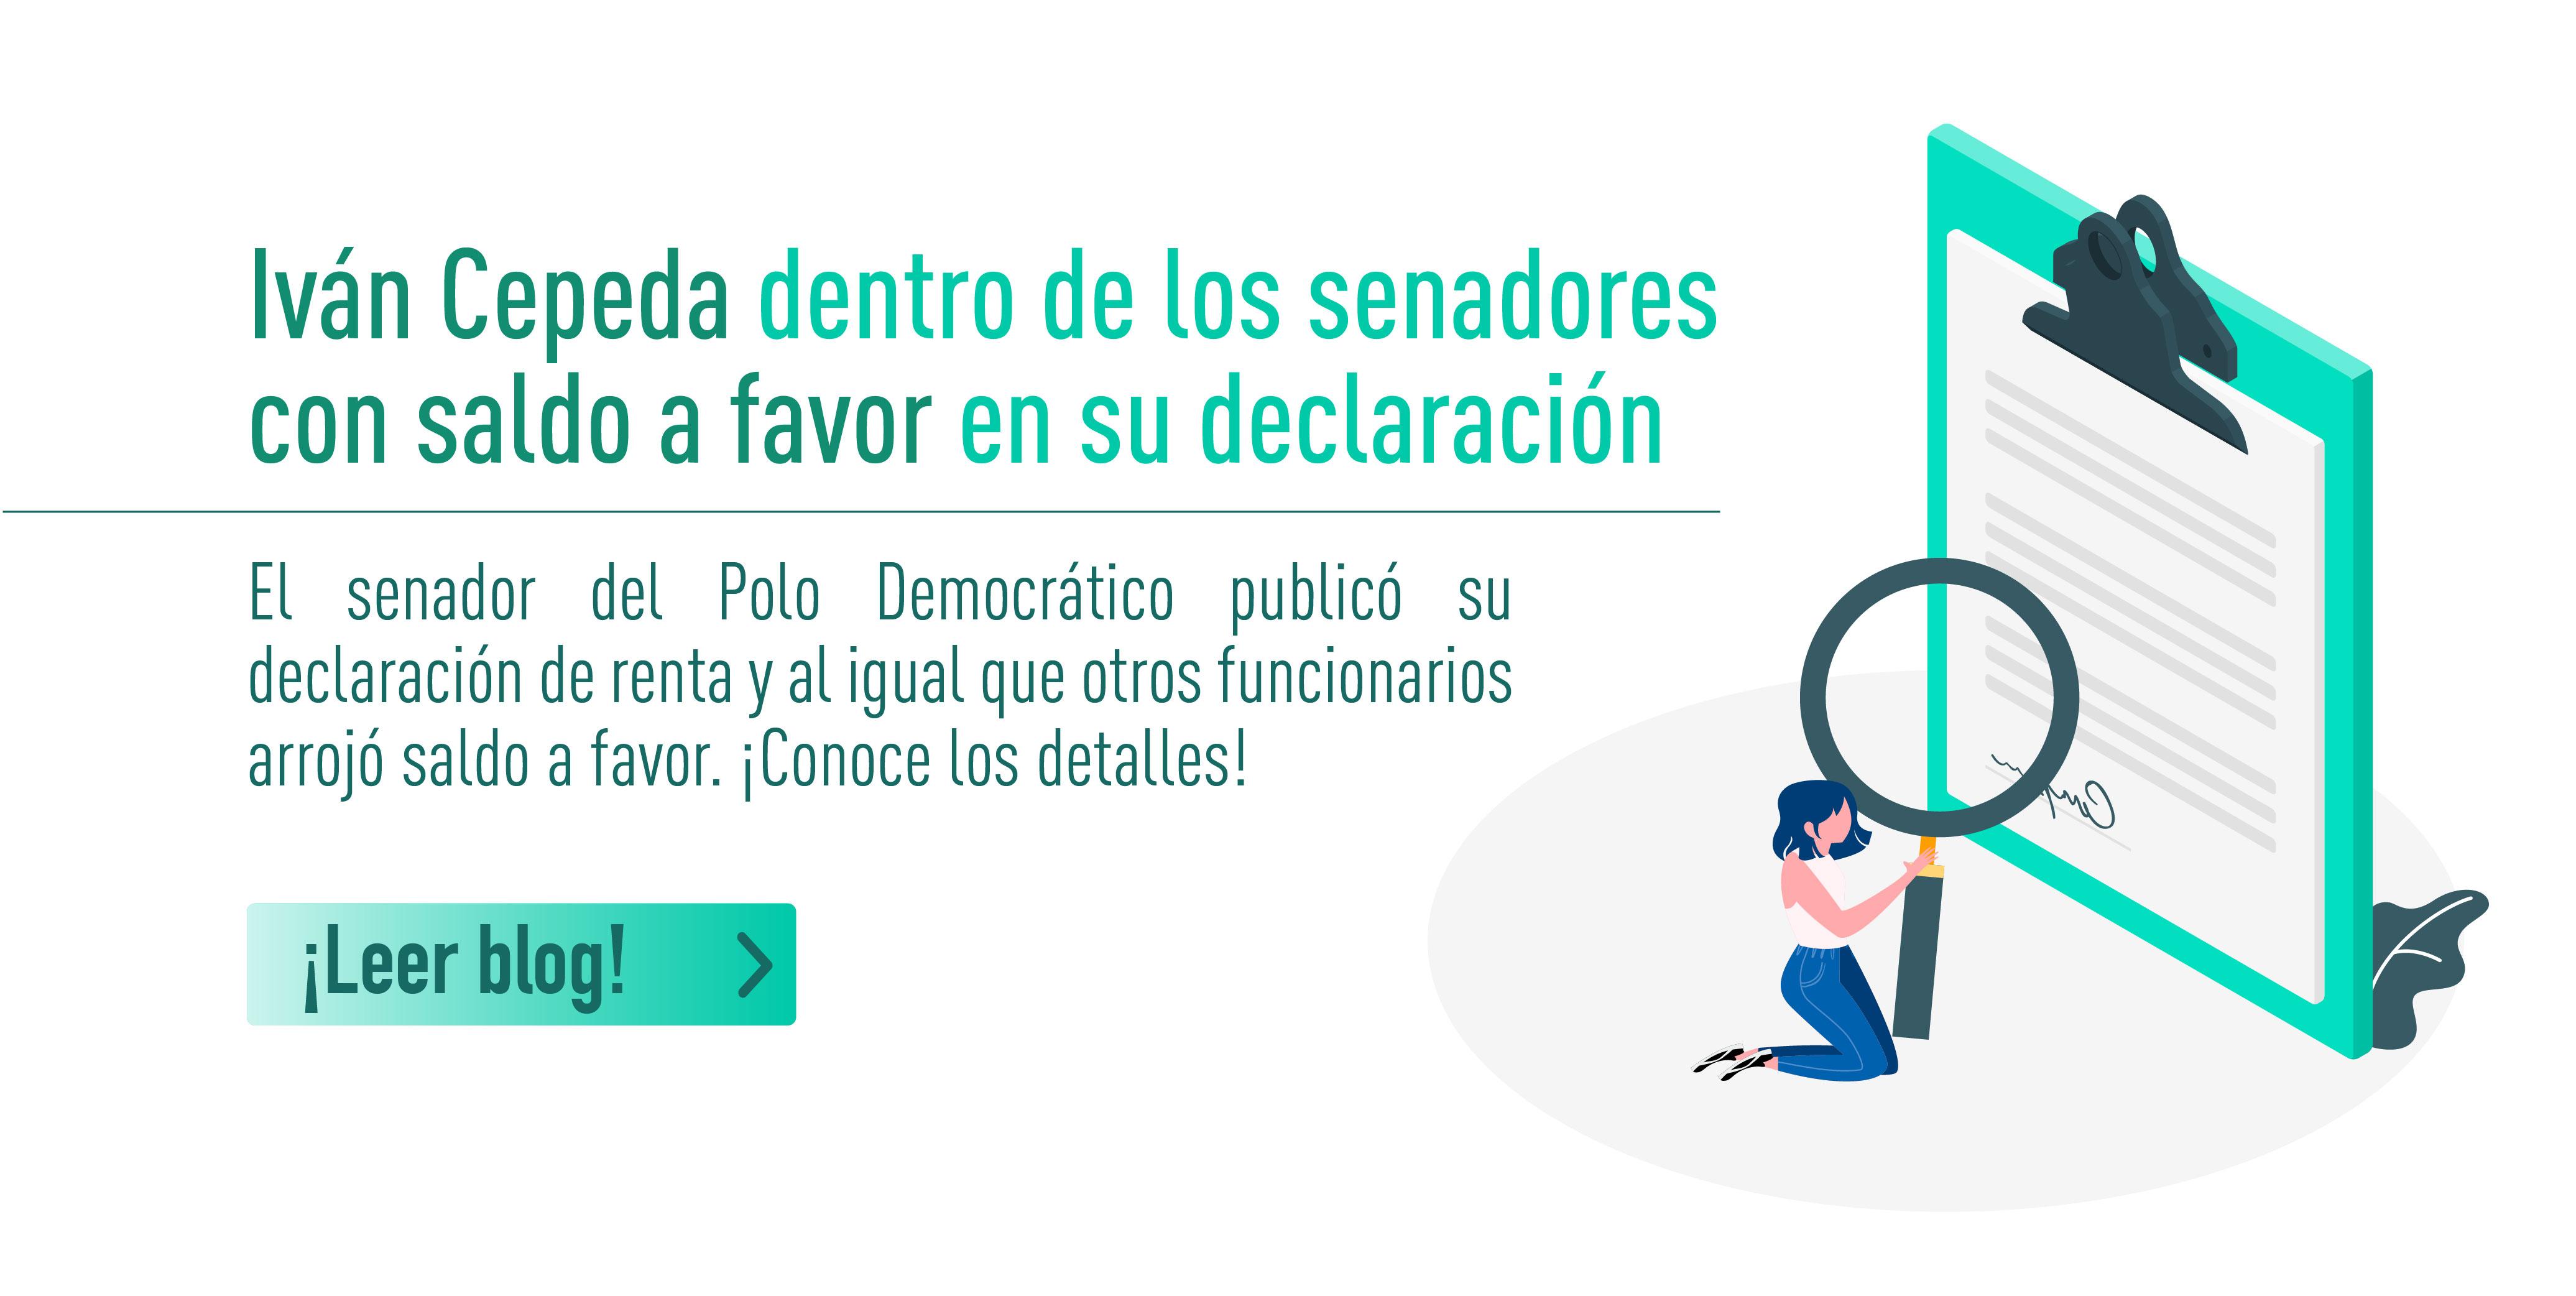 Iván Cepeda dentro de los senadores con saldo a favor